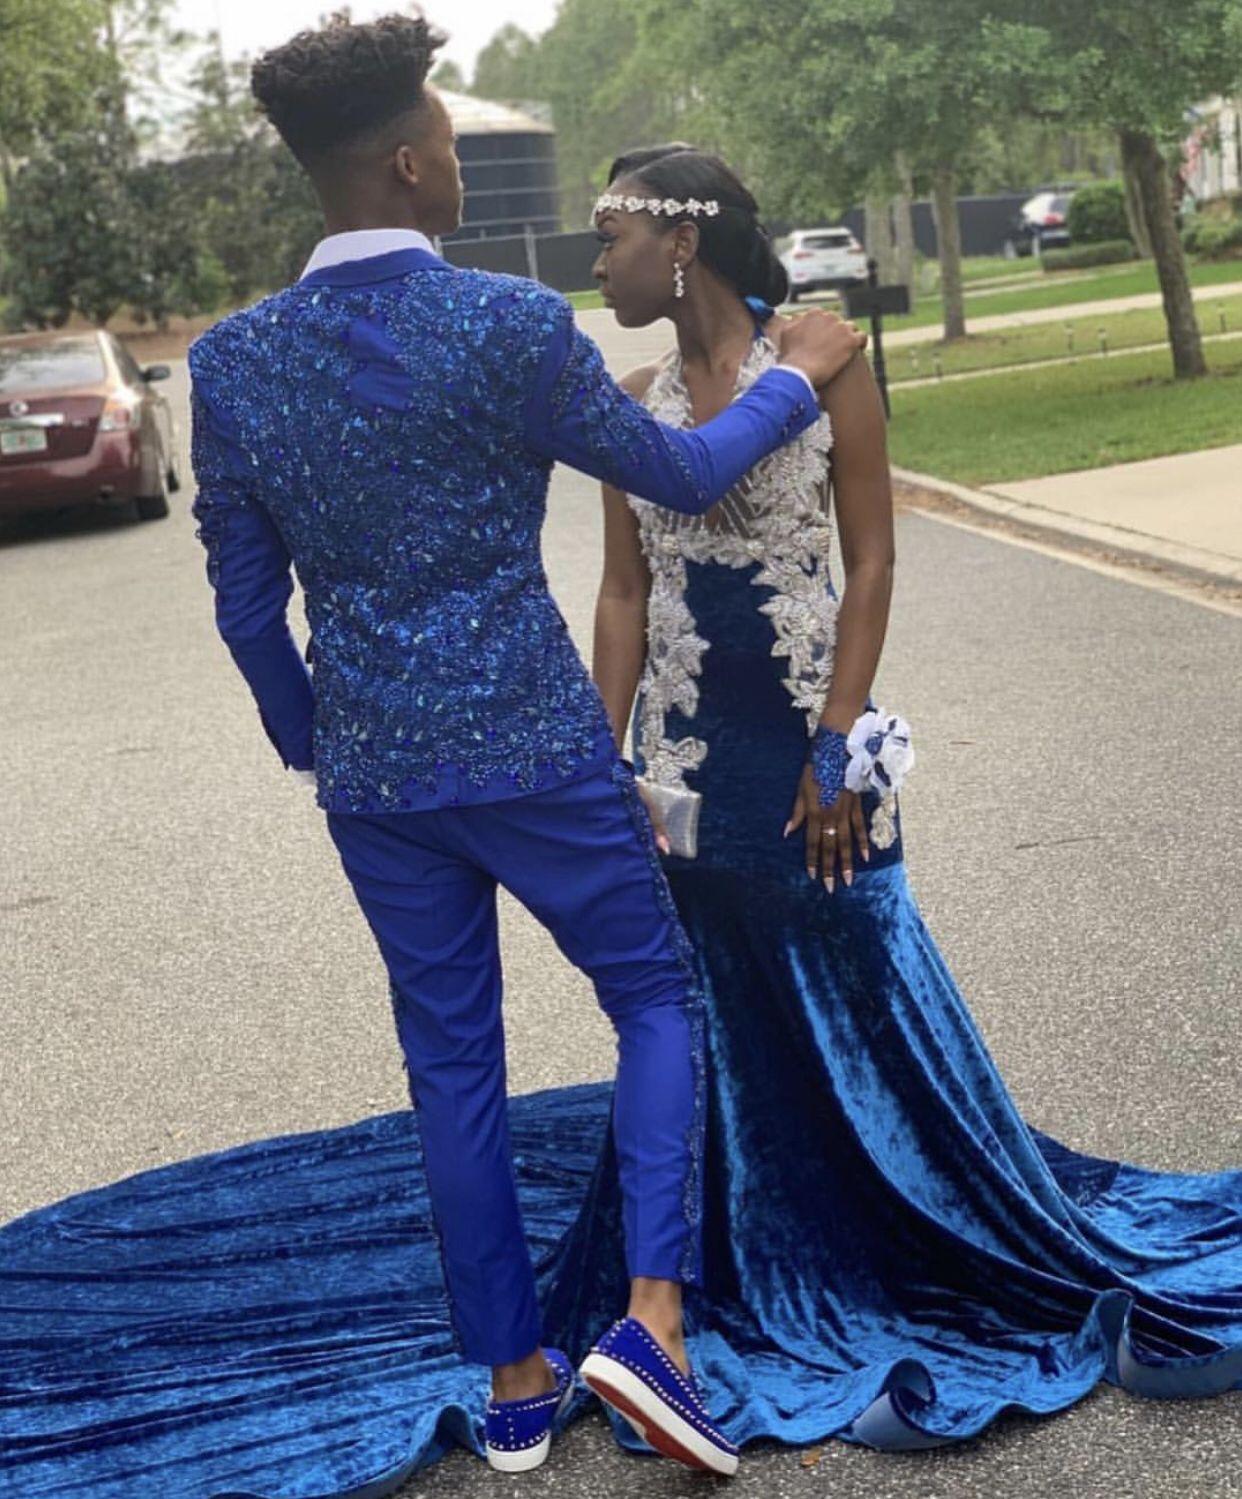 Pinterest Thatsmarsb Follow For More Royal Blue Prom Dresses Blue Prom Suit Royal Blue Prom Suits [ 1499 x 1242 Pixel ]